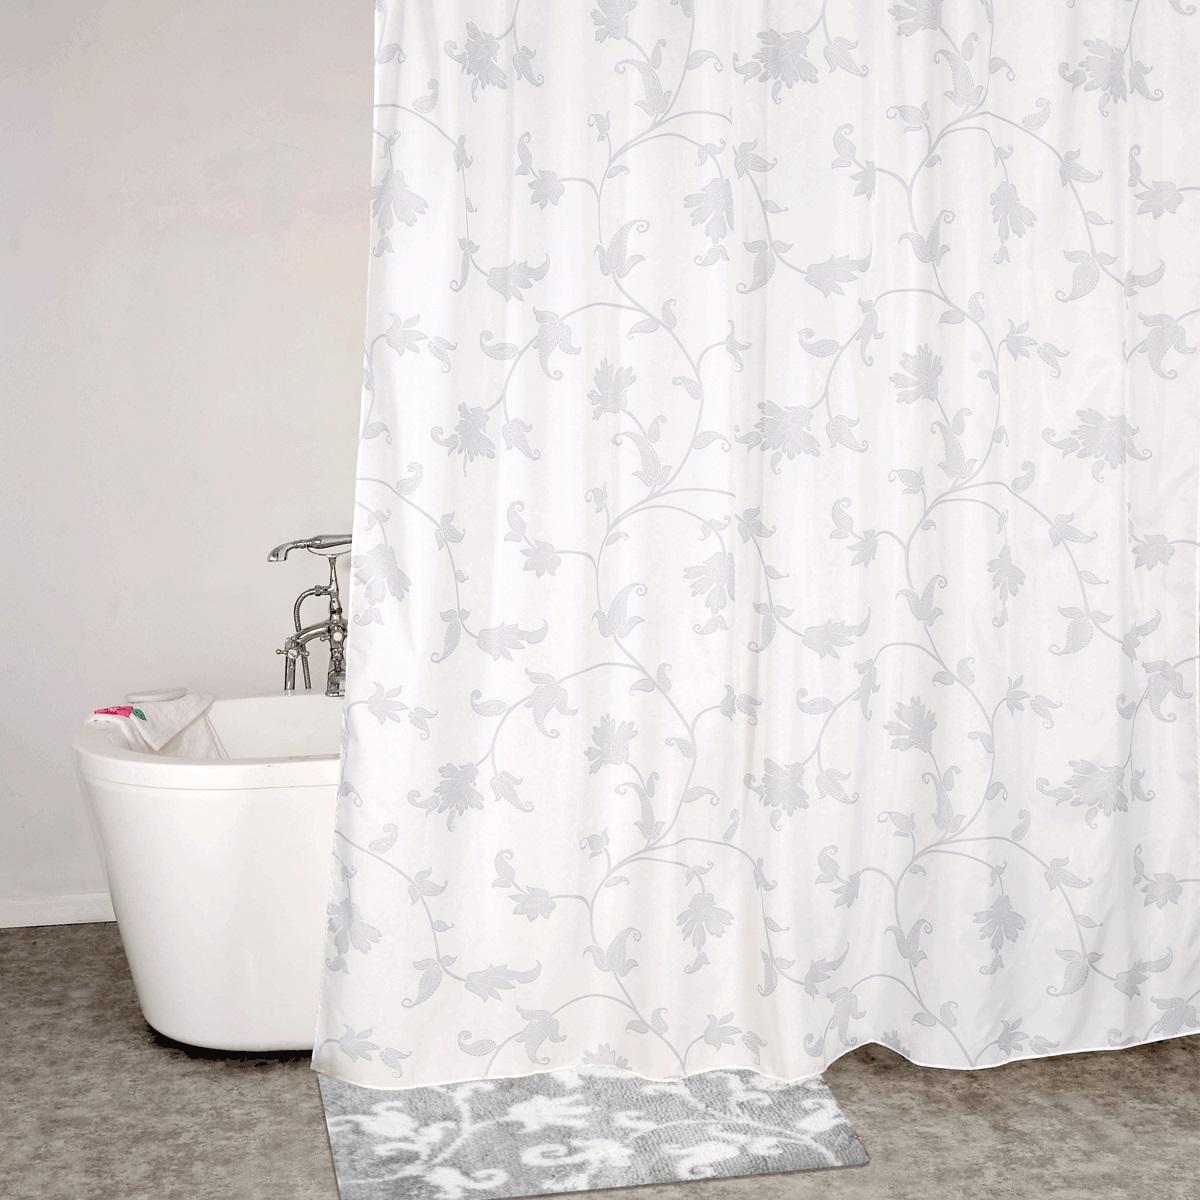 """Штора для ванной комнаты """"Iddis"""" выполнена из быстросохнущего материала - 100% полиэстера, что обеспечивает прочность изделия и легкость ухода за ним.Материал шторы пропитан специальным водоотталкивающим составом Waterprof.Изделие изготовлено из экологически-чистого материала, оно обладает высокой степенью гигиеничности, не вызывает аллергических реакций.Штора имеет 12 металлических люверсов. В комплекте: штора и кольца."""